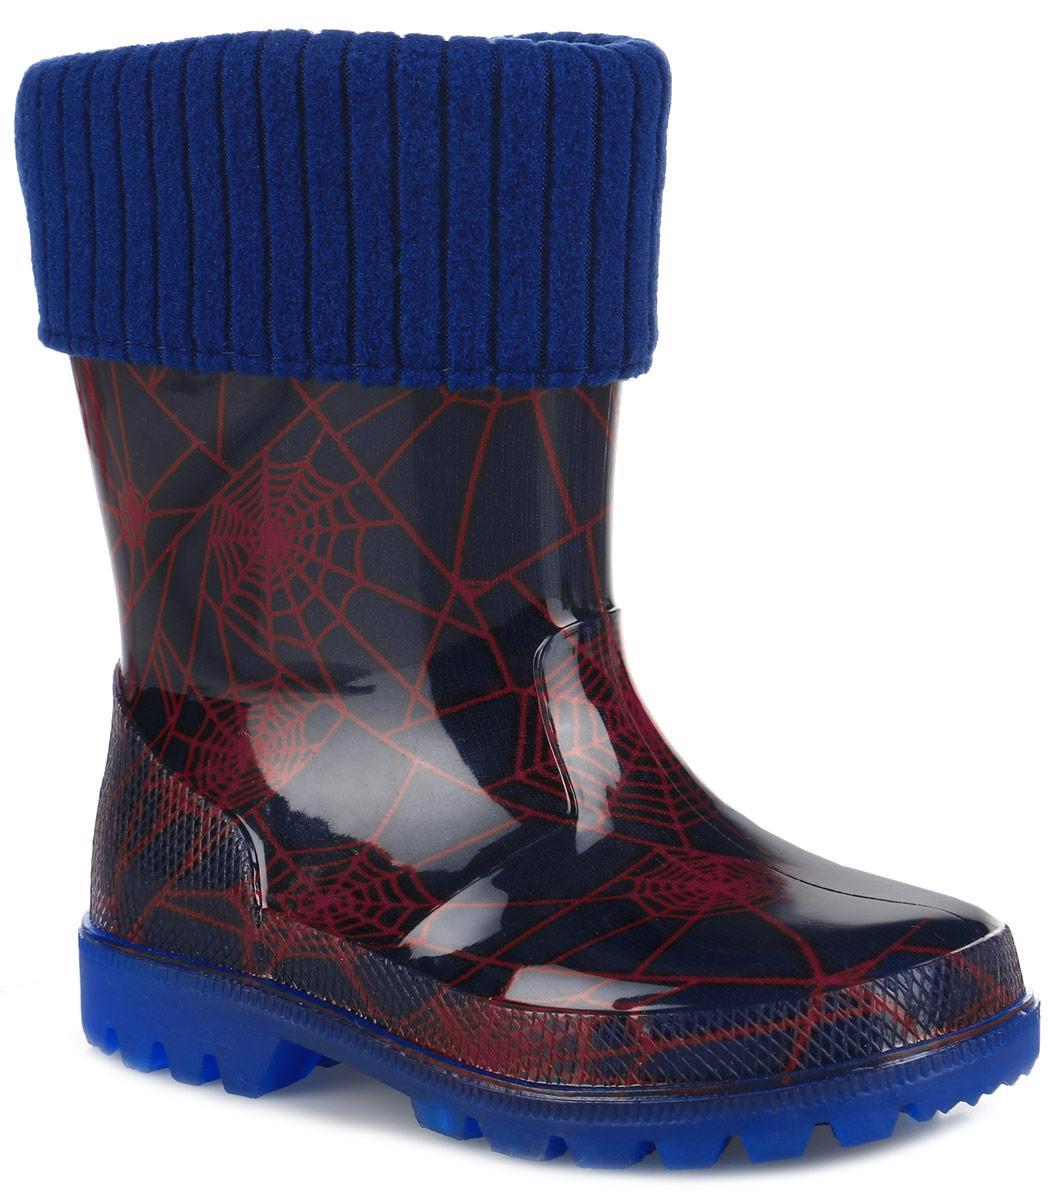 690Резиновые сапоги от Kapika превосходно защитят ноги вашей девочки от промокания в дождливый день. Модель выполнена из ПВХ и оформлена оригинальным принтом паутина. Мягкий вынимающийся сапожок из утепленного текстильного материала - хлопка (80%) не даст ногам замерзнуть и обеспечит уют. Рельефная поверхность подошвы гарантирует отличное сцепление с любой поверхностью. При движении подошва начинает светиться, благодаря чему ваш ребенок будет на виду даже в темное время суток. Резиновые сапоги - идеальная обувь в дождливую погоду.